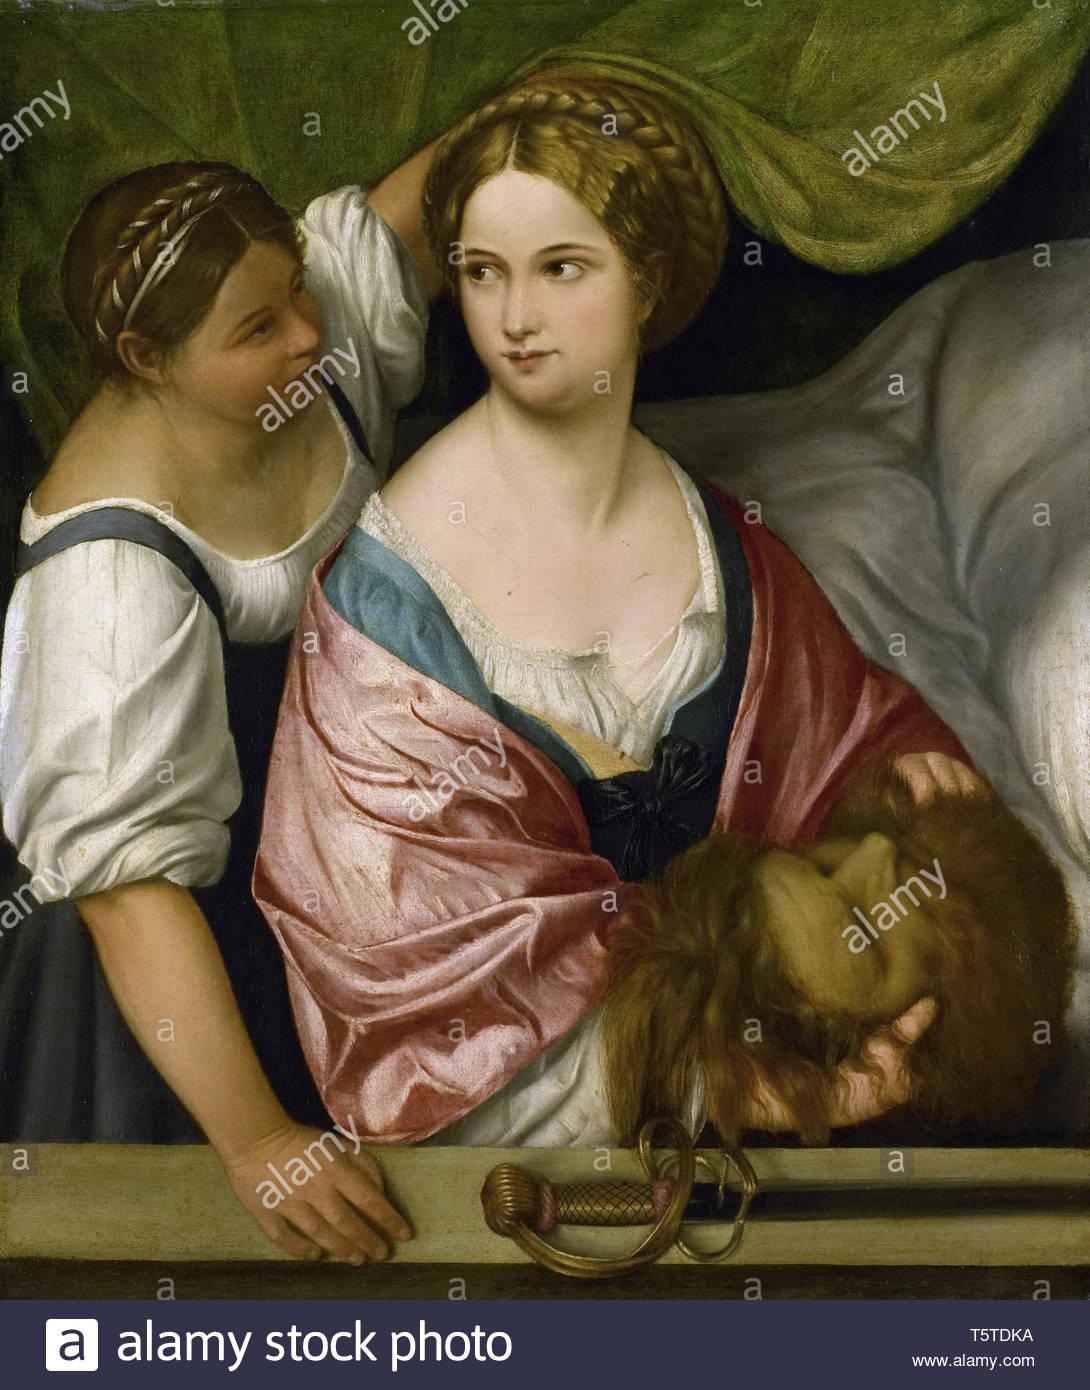 Pordenone-Judith met het hoofd van Holofernes, 1500-1539.jpeg - Stock Image